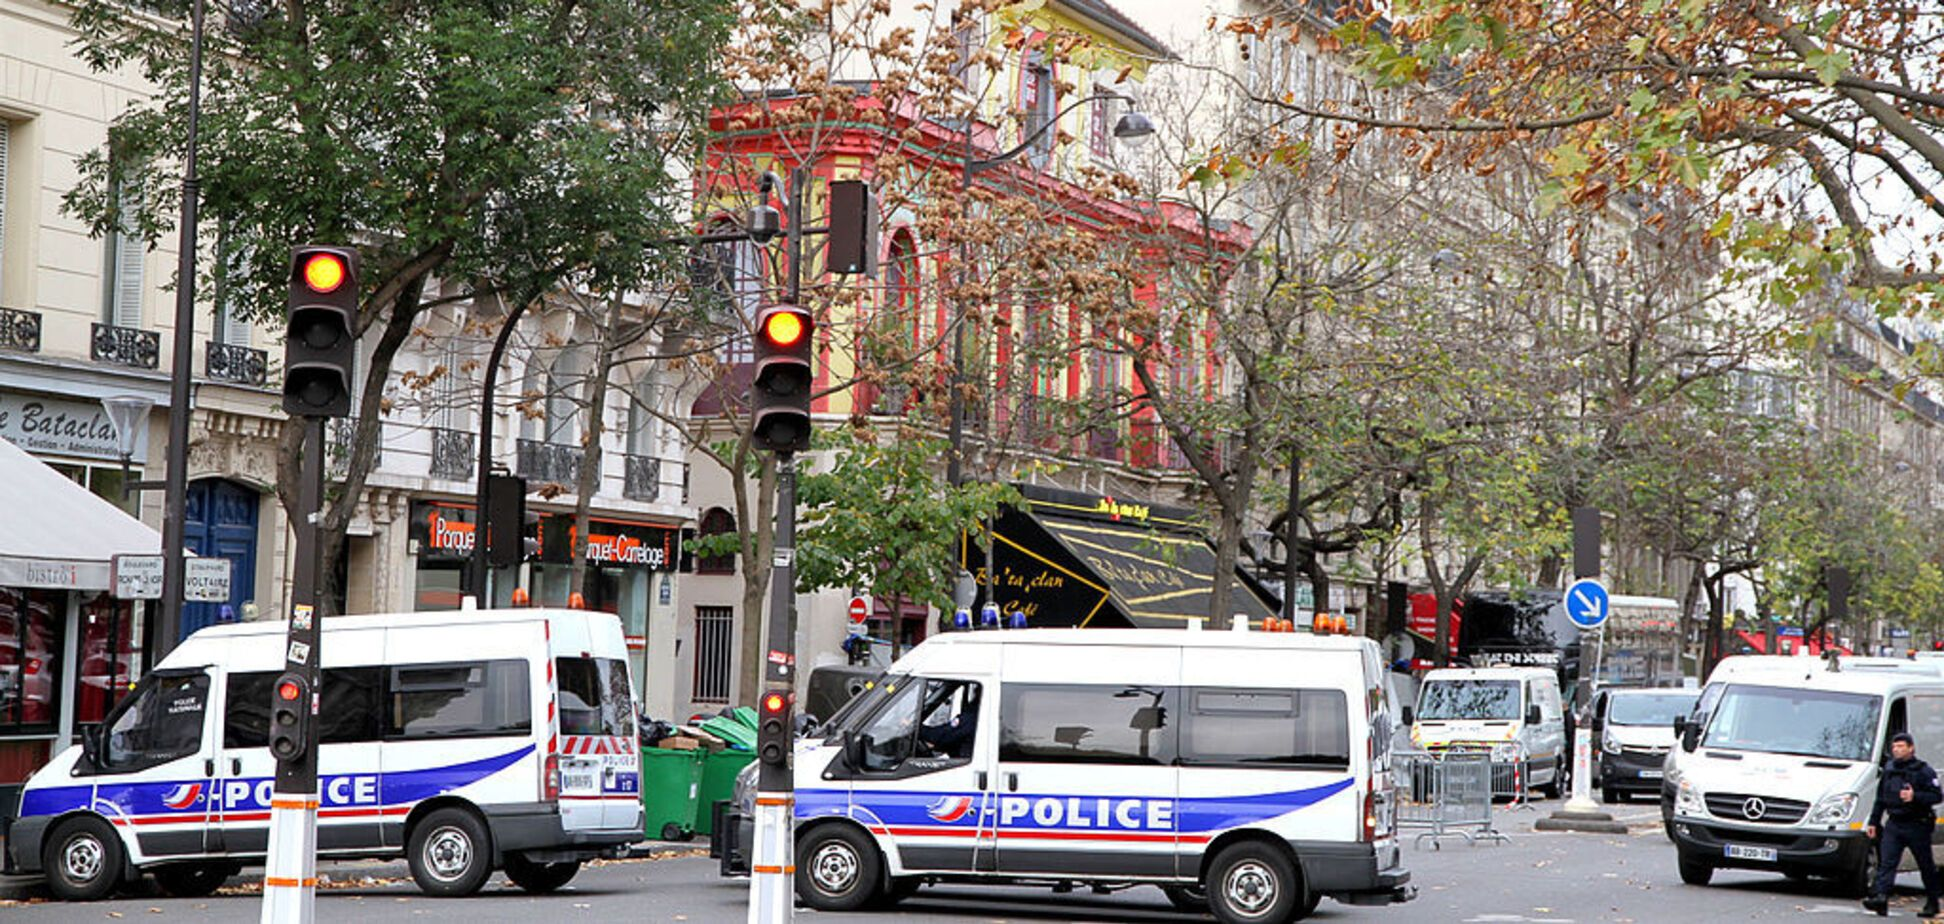 13 ноября 2015 года в Париже произошла серия терактов